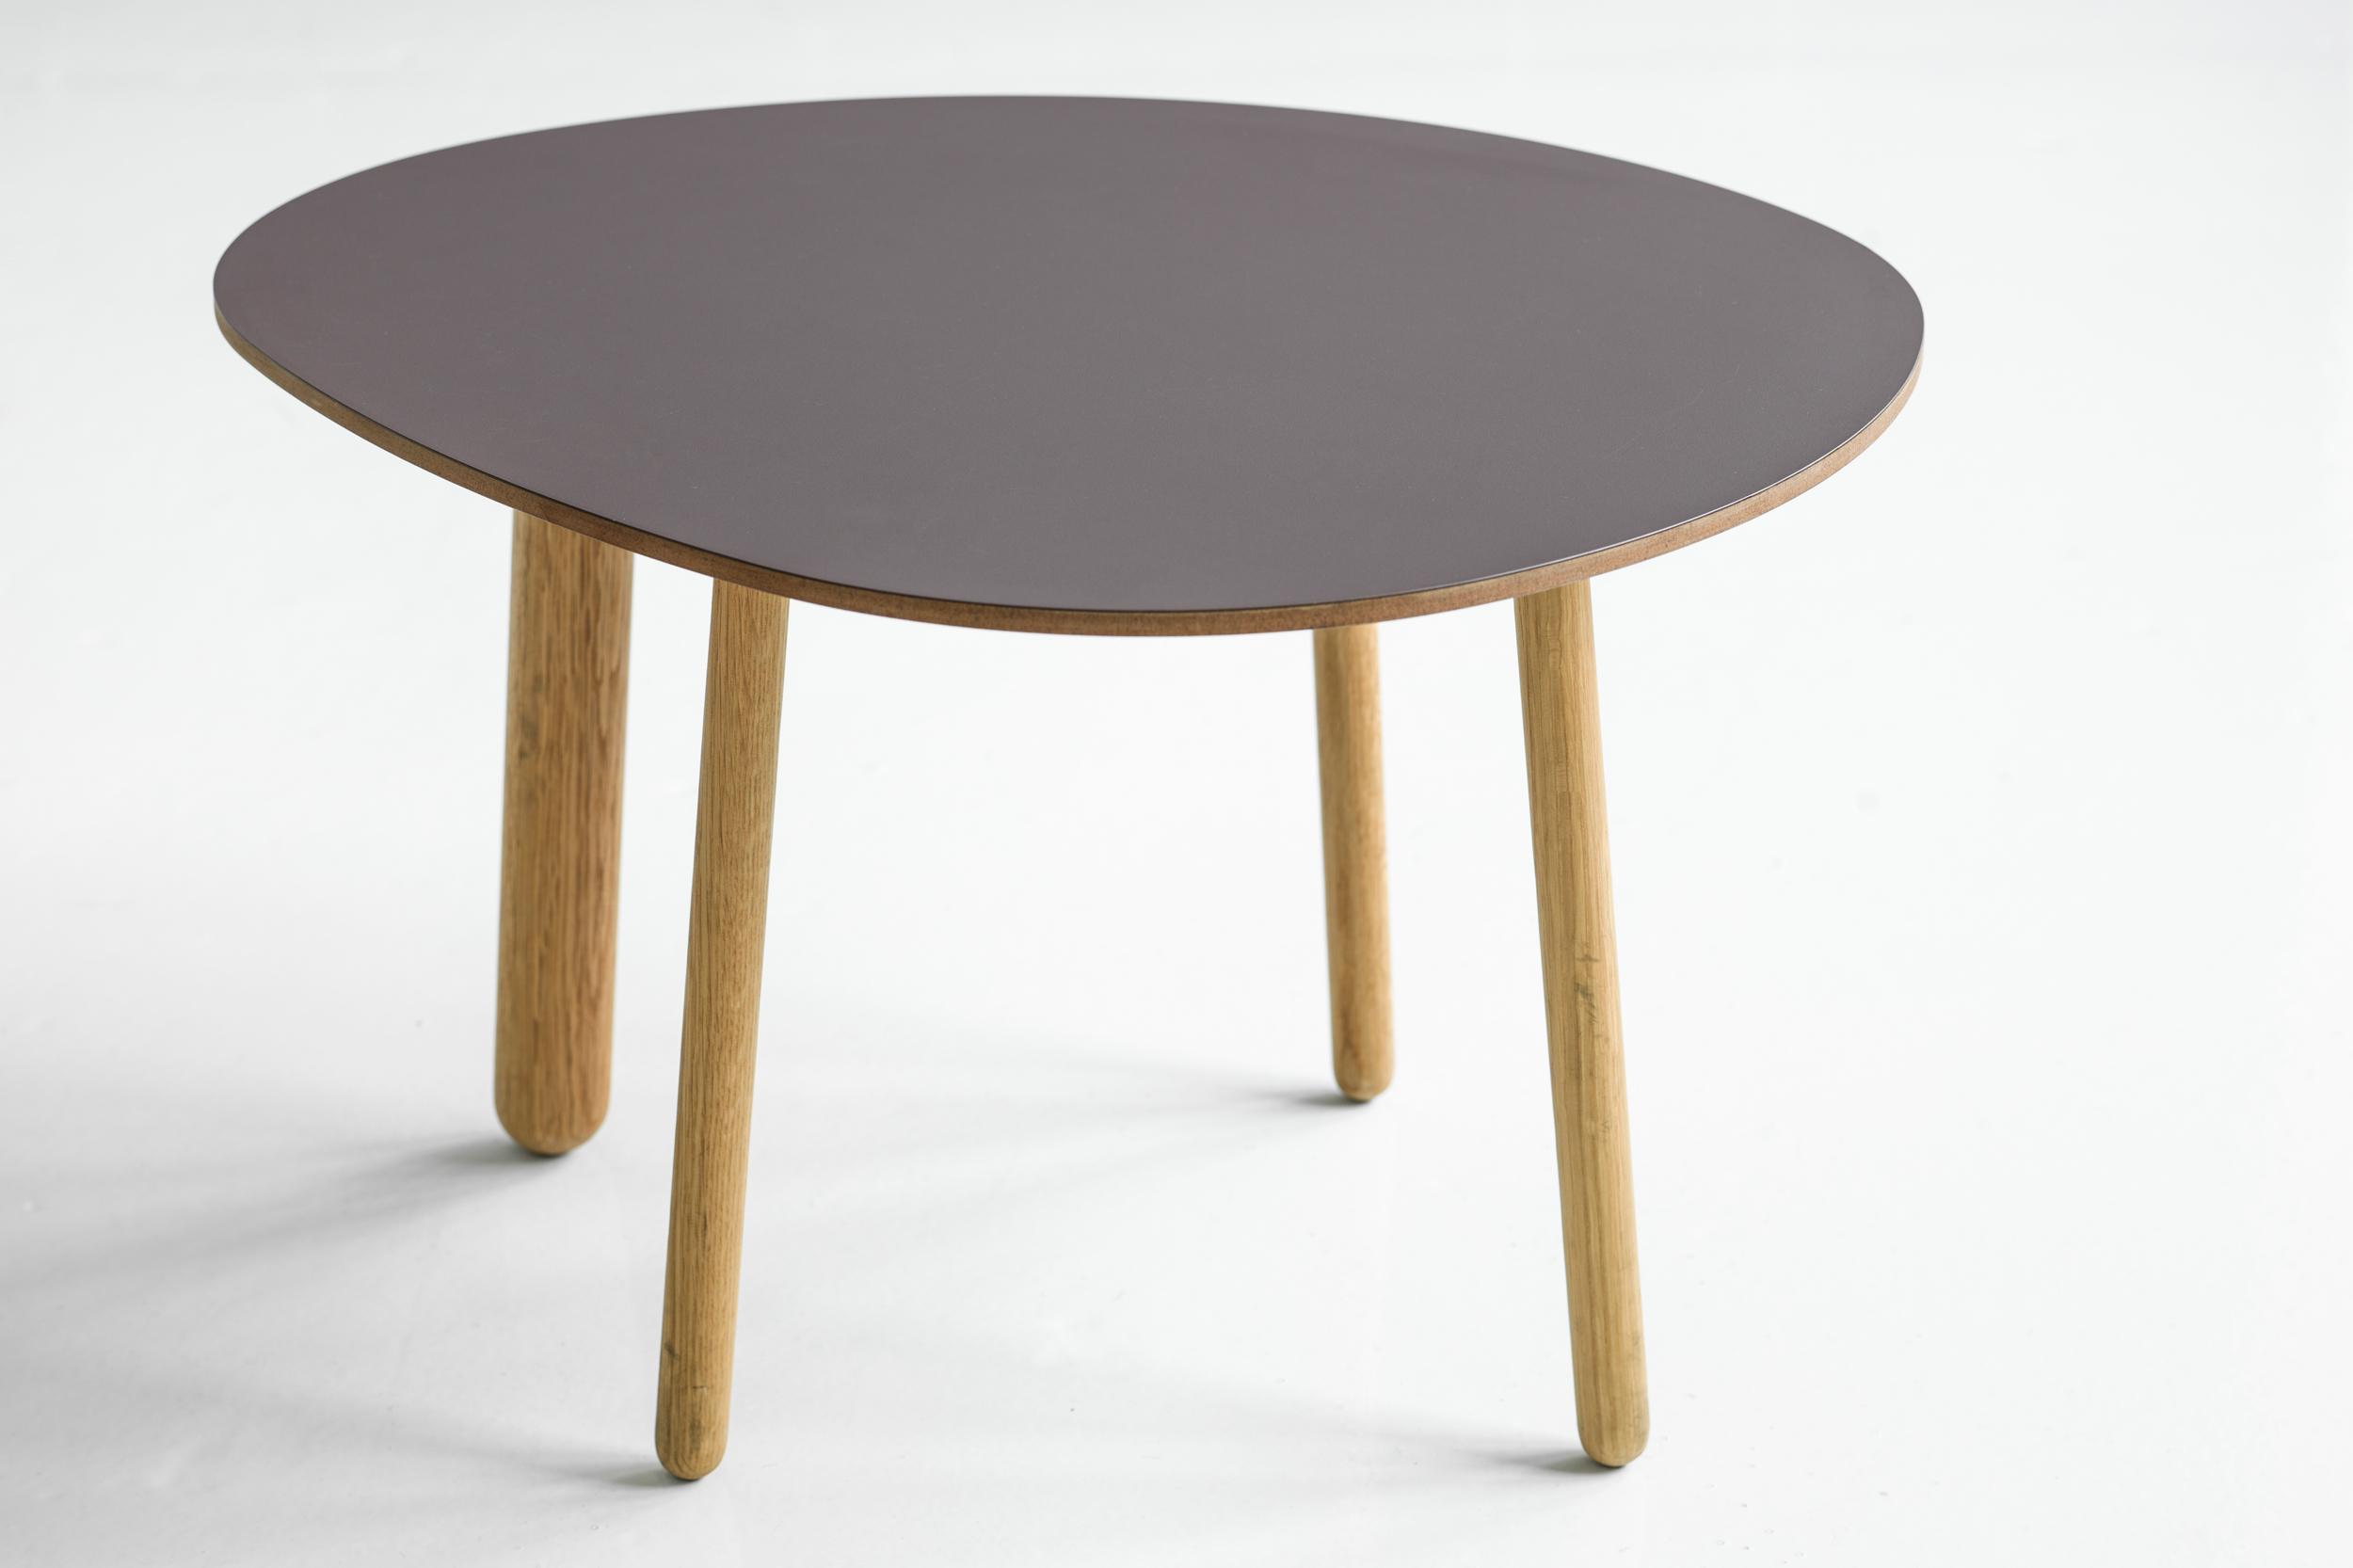 Morris coffee table model 1 in a special color sarmiento